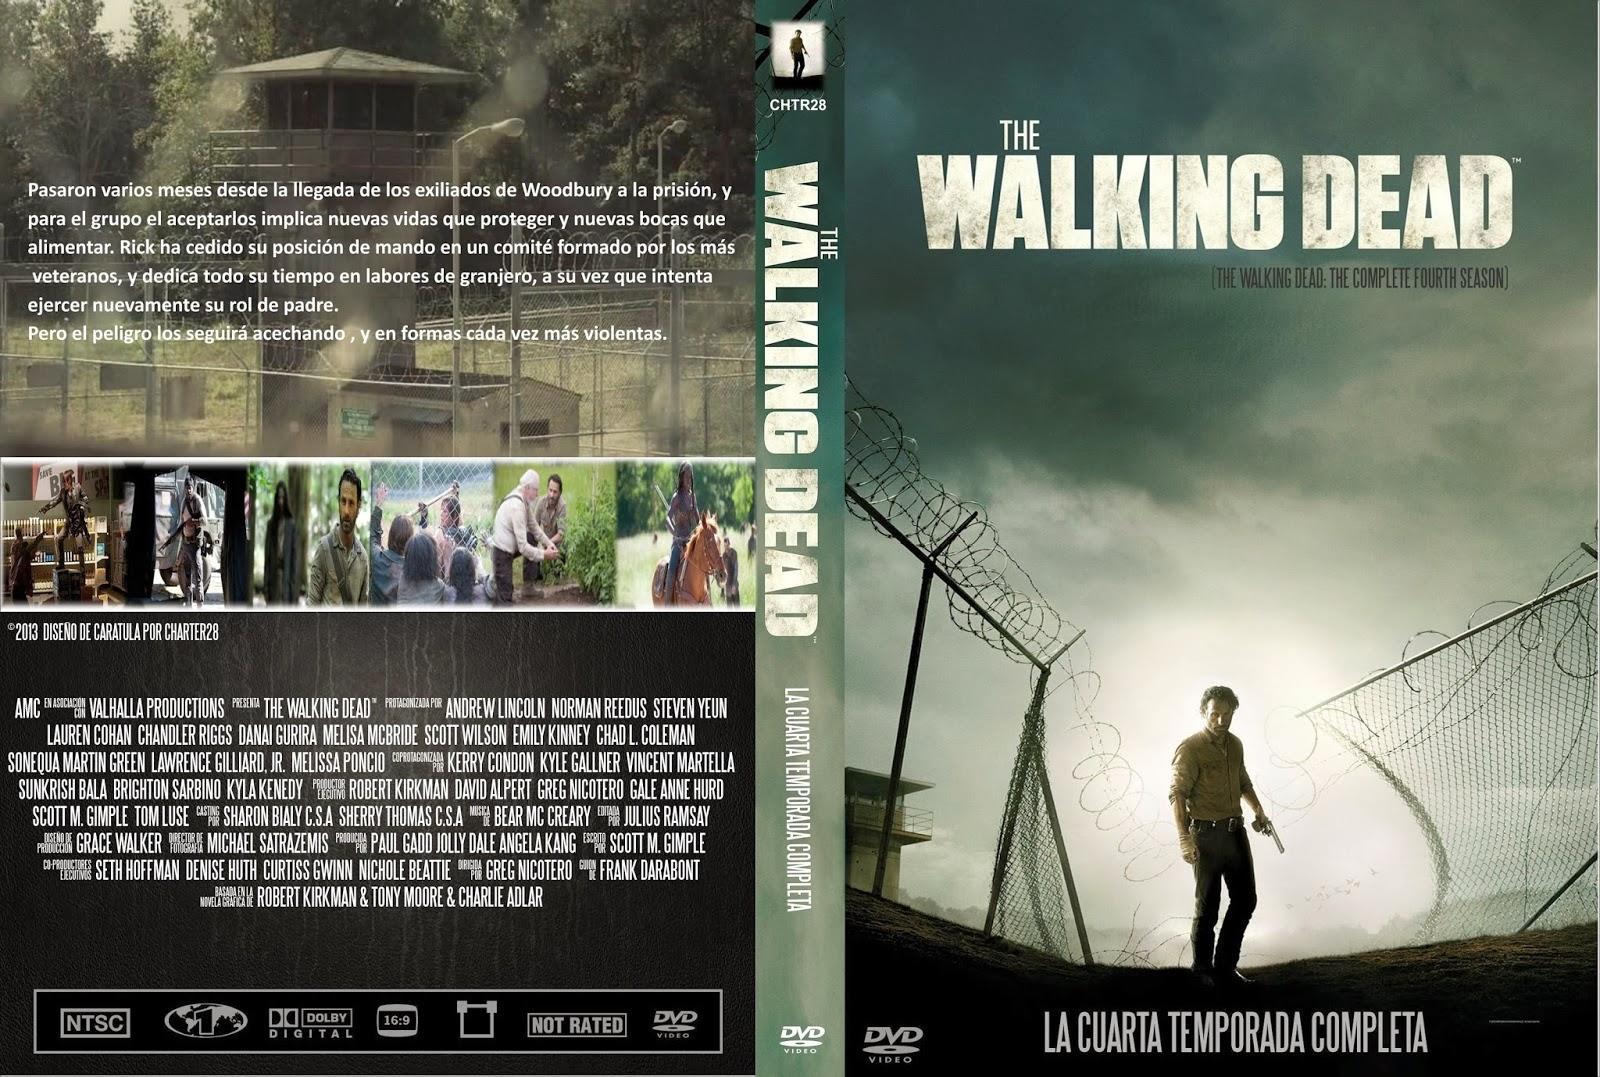 ESTRENOS EN BLU RAY: THE WALKING DEAD CUARTA TEMPORADA